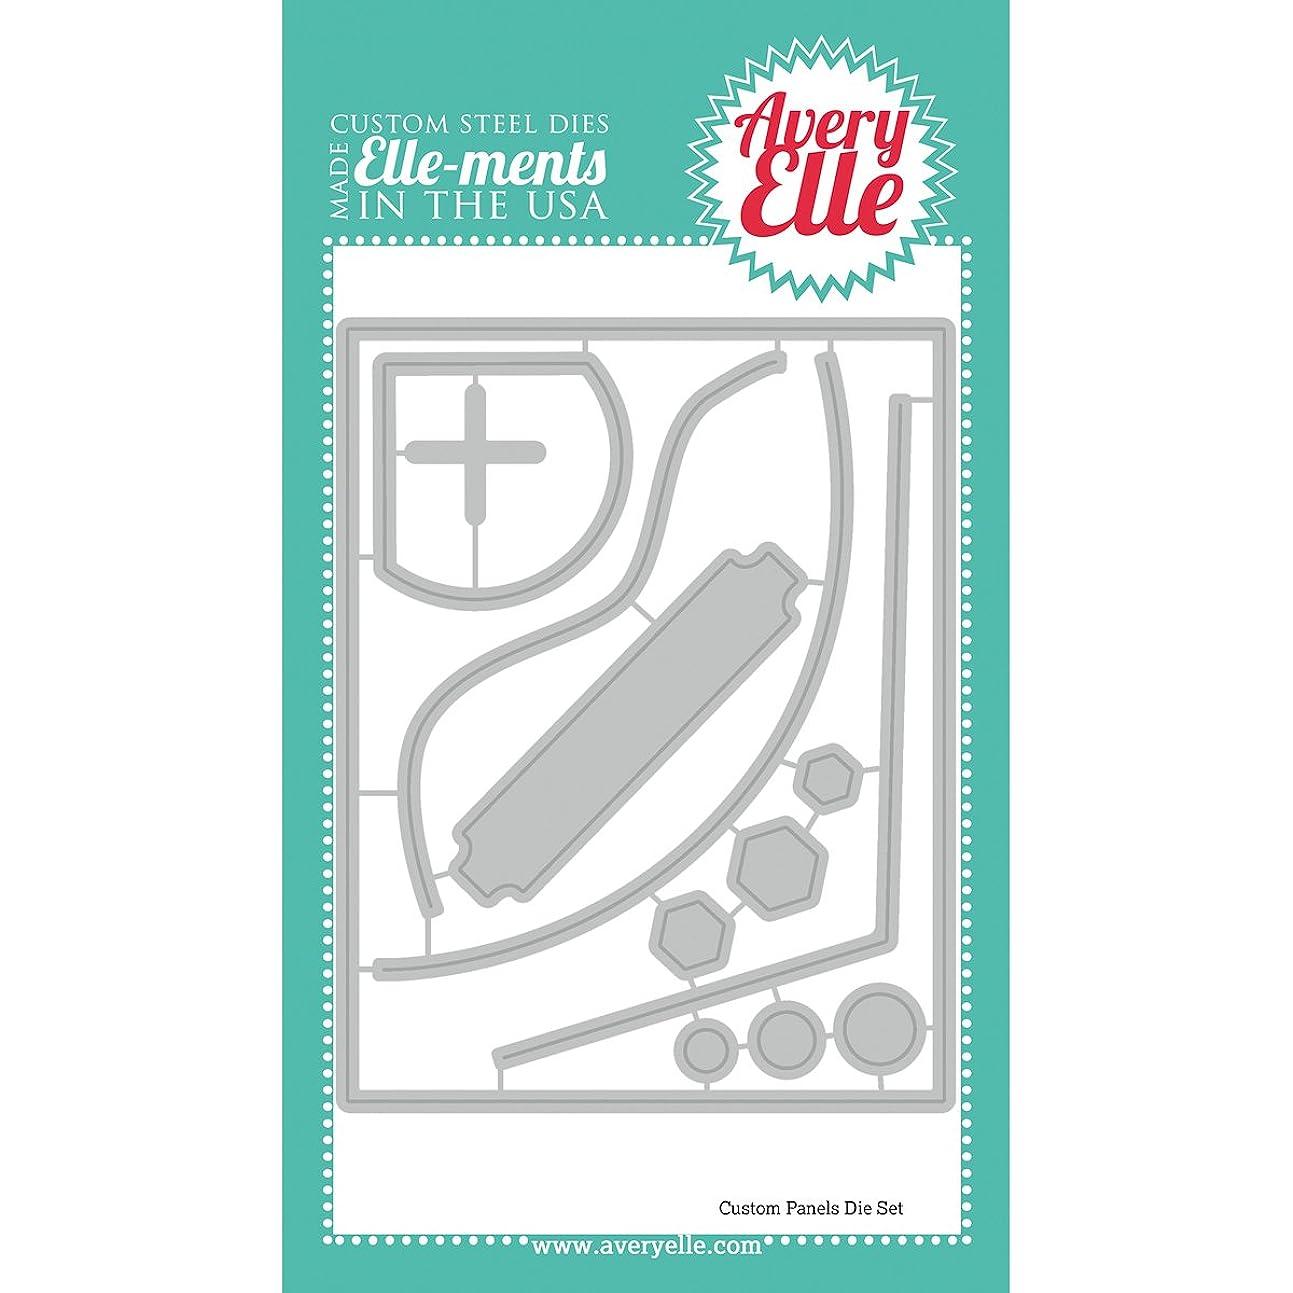 職人思い出させる褒賞Elle-Ments Dies-Custom Panels (並行輸入品)